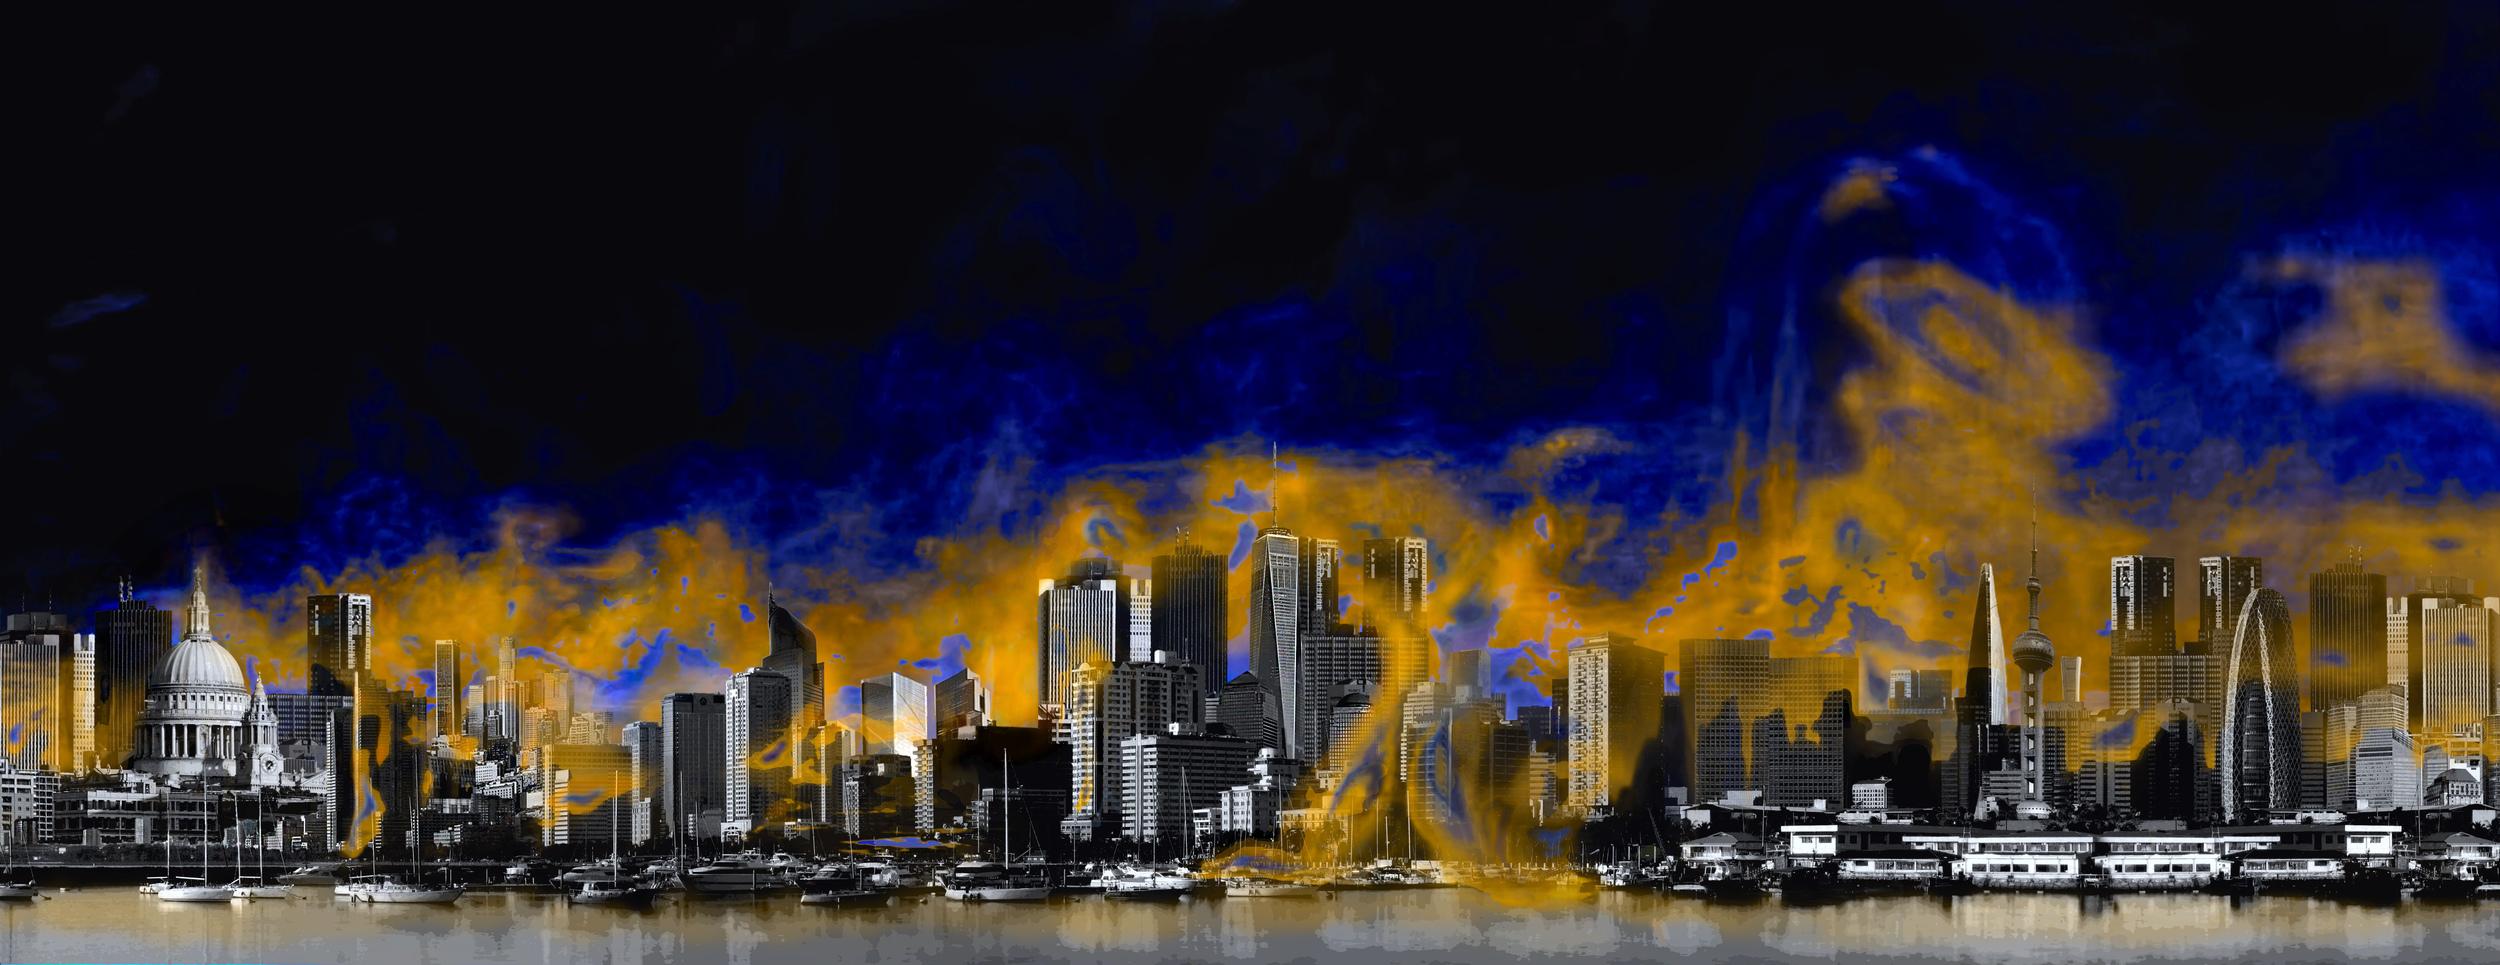 Ilustración de las desigualdades atmosféricas en una megaciudad: los vapores de amoníaco y ácido nítrico pueden impulsar tasas de crecimiento de las partículas de esos gases 100 veces más rápido de lo que se había visto hasta ahora. (Crédito: Helen Cawley).